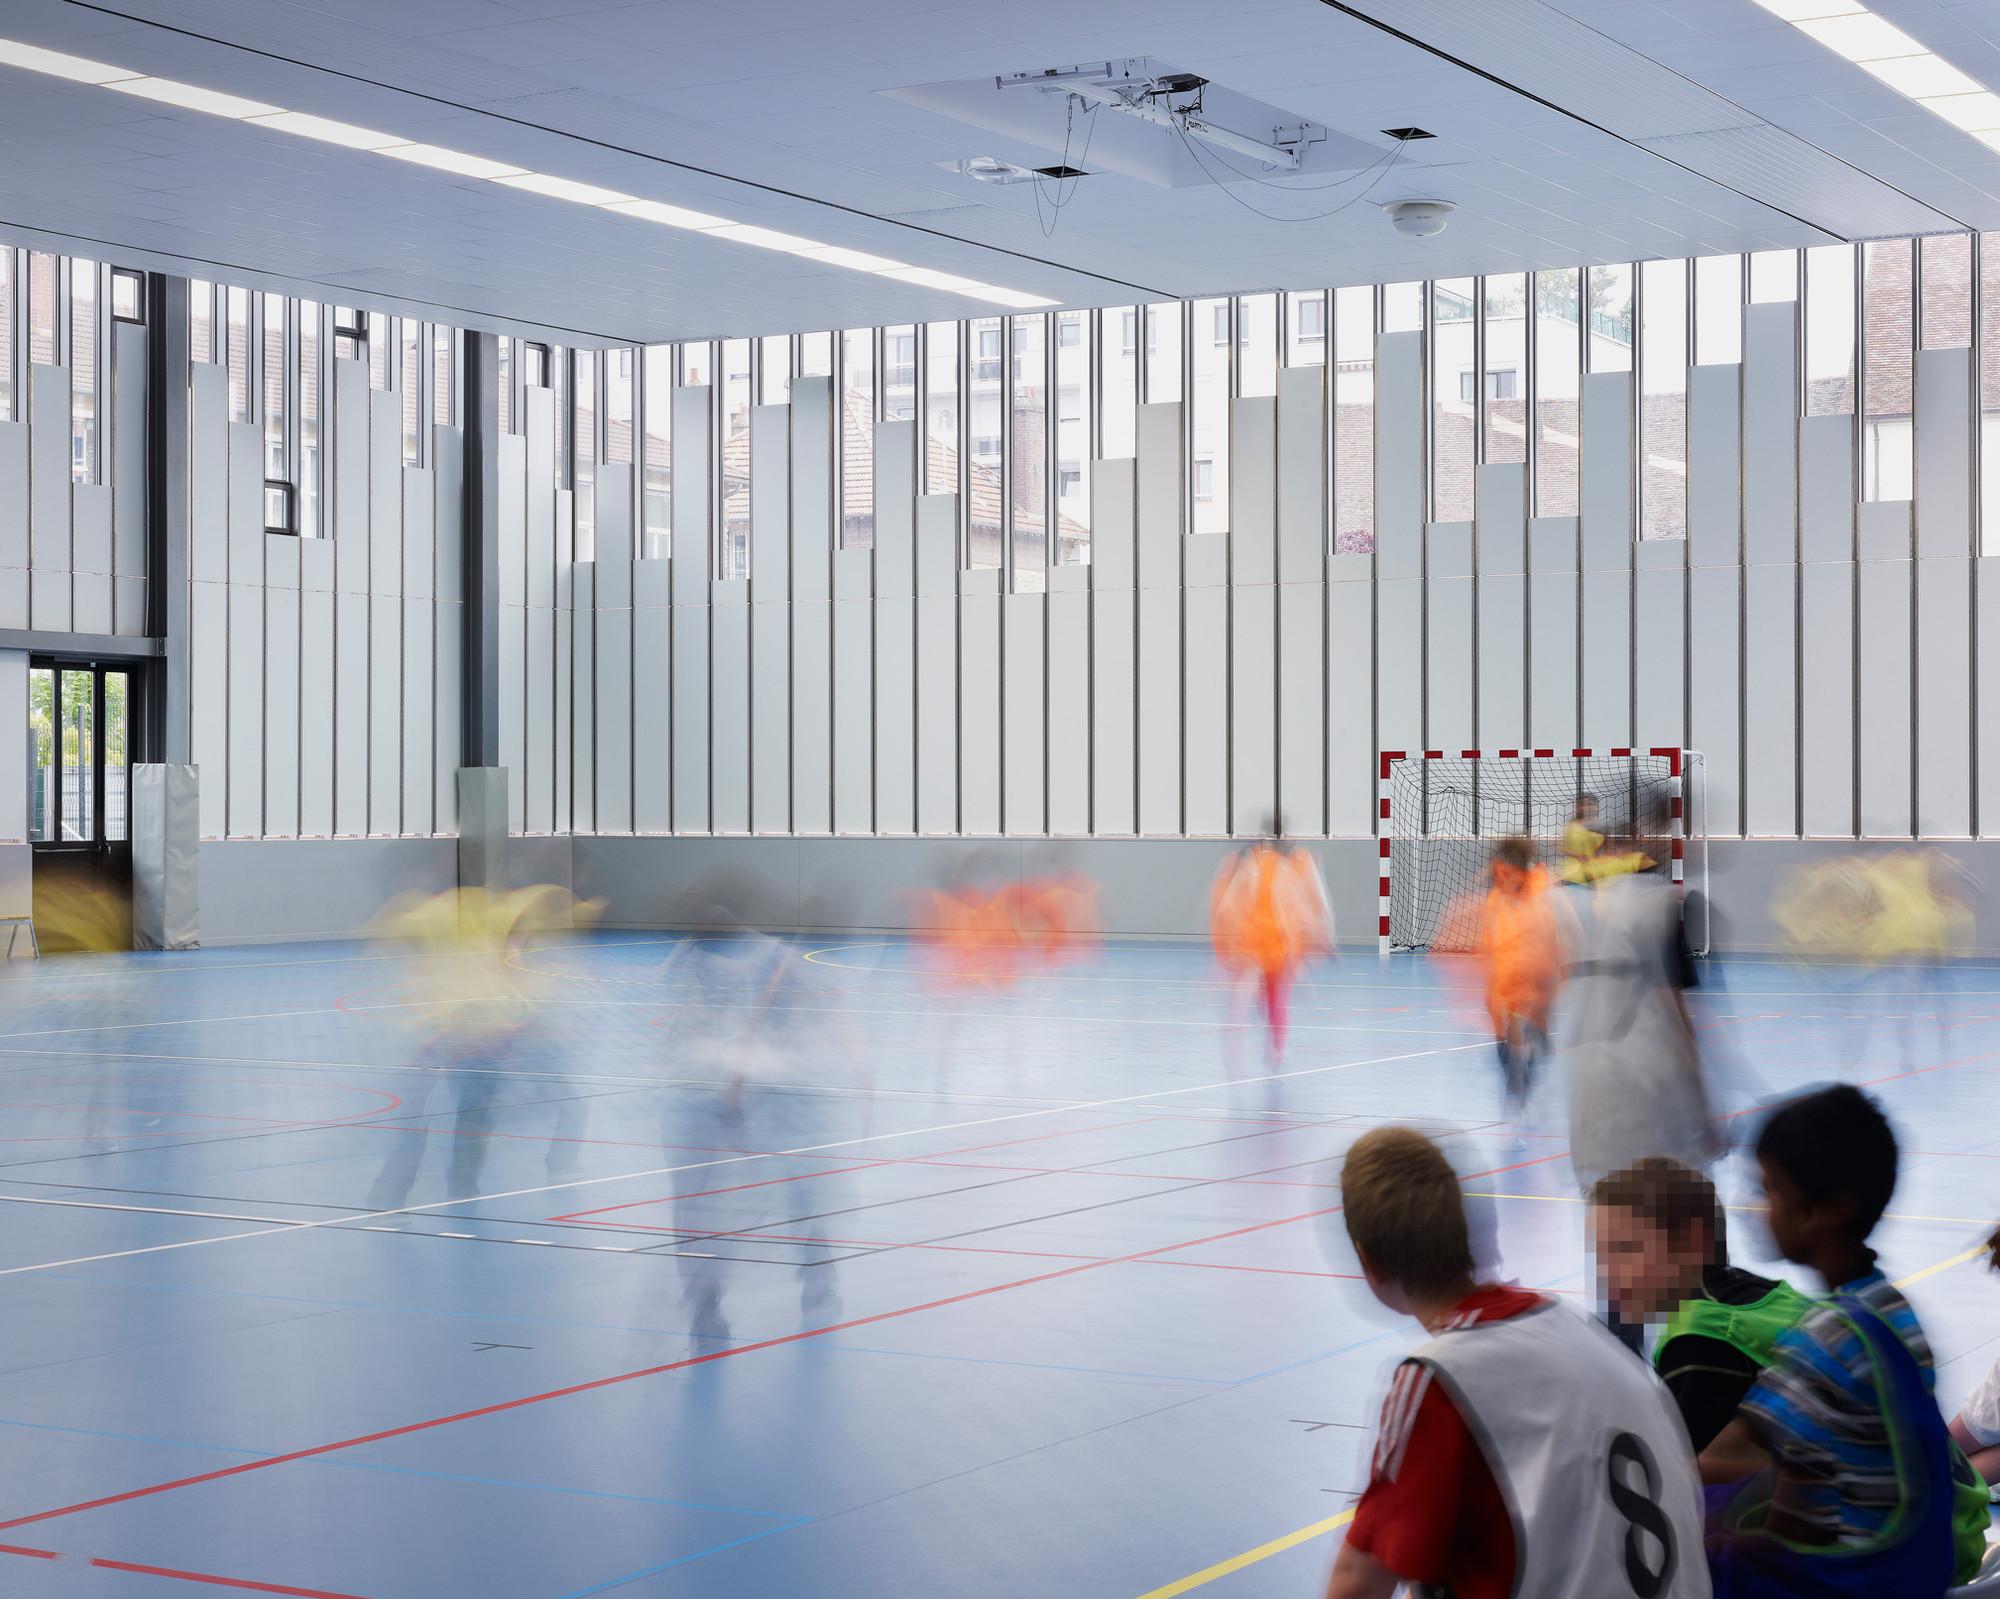 Galer a de gimnasio y explanada del ayuntamiento lan for Gimnasio 19